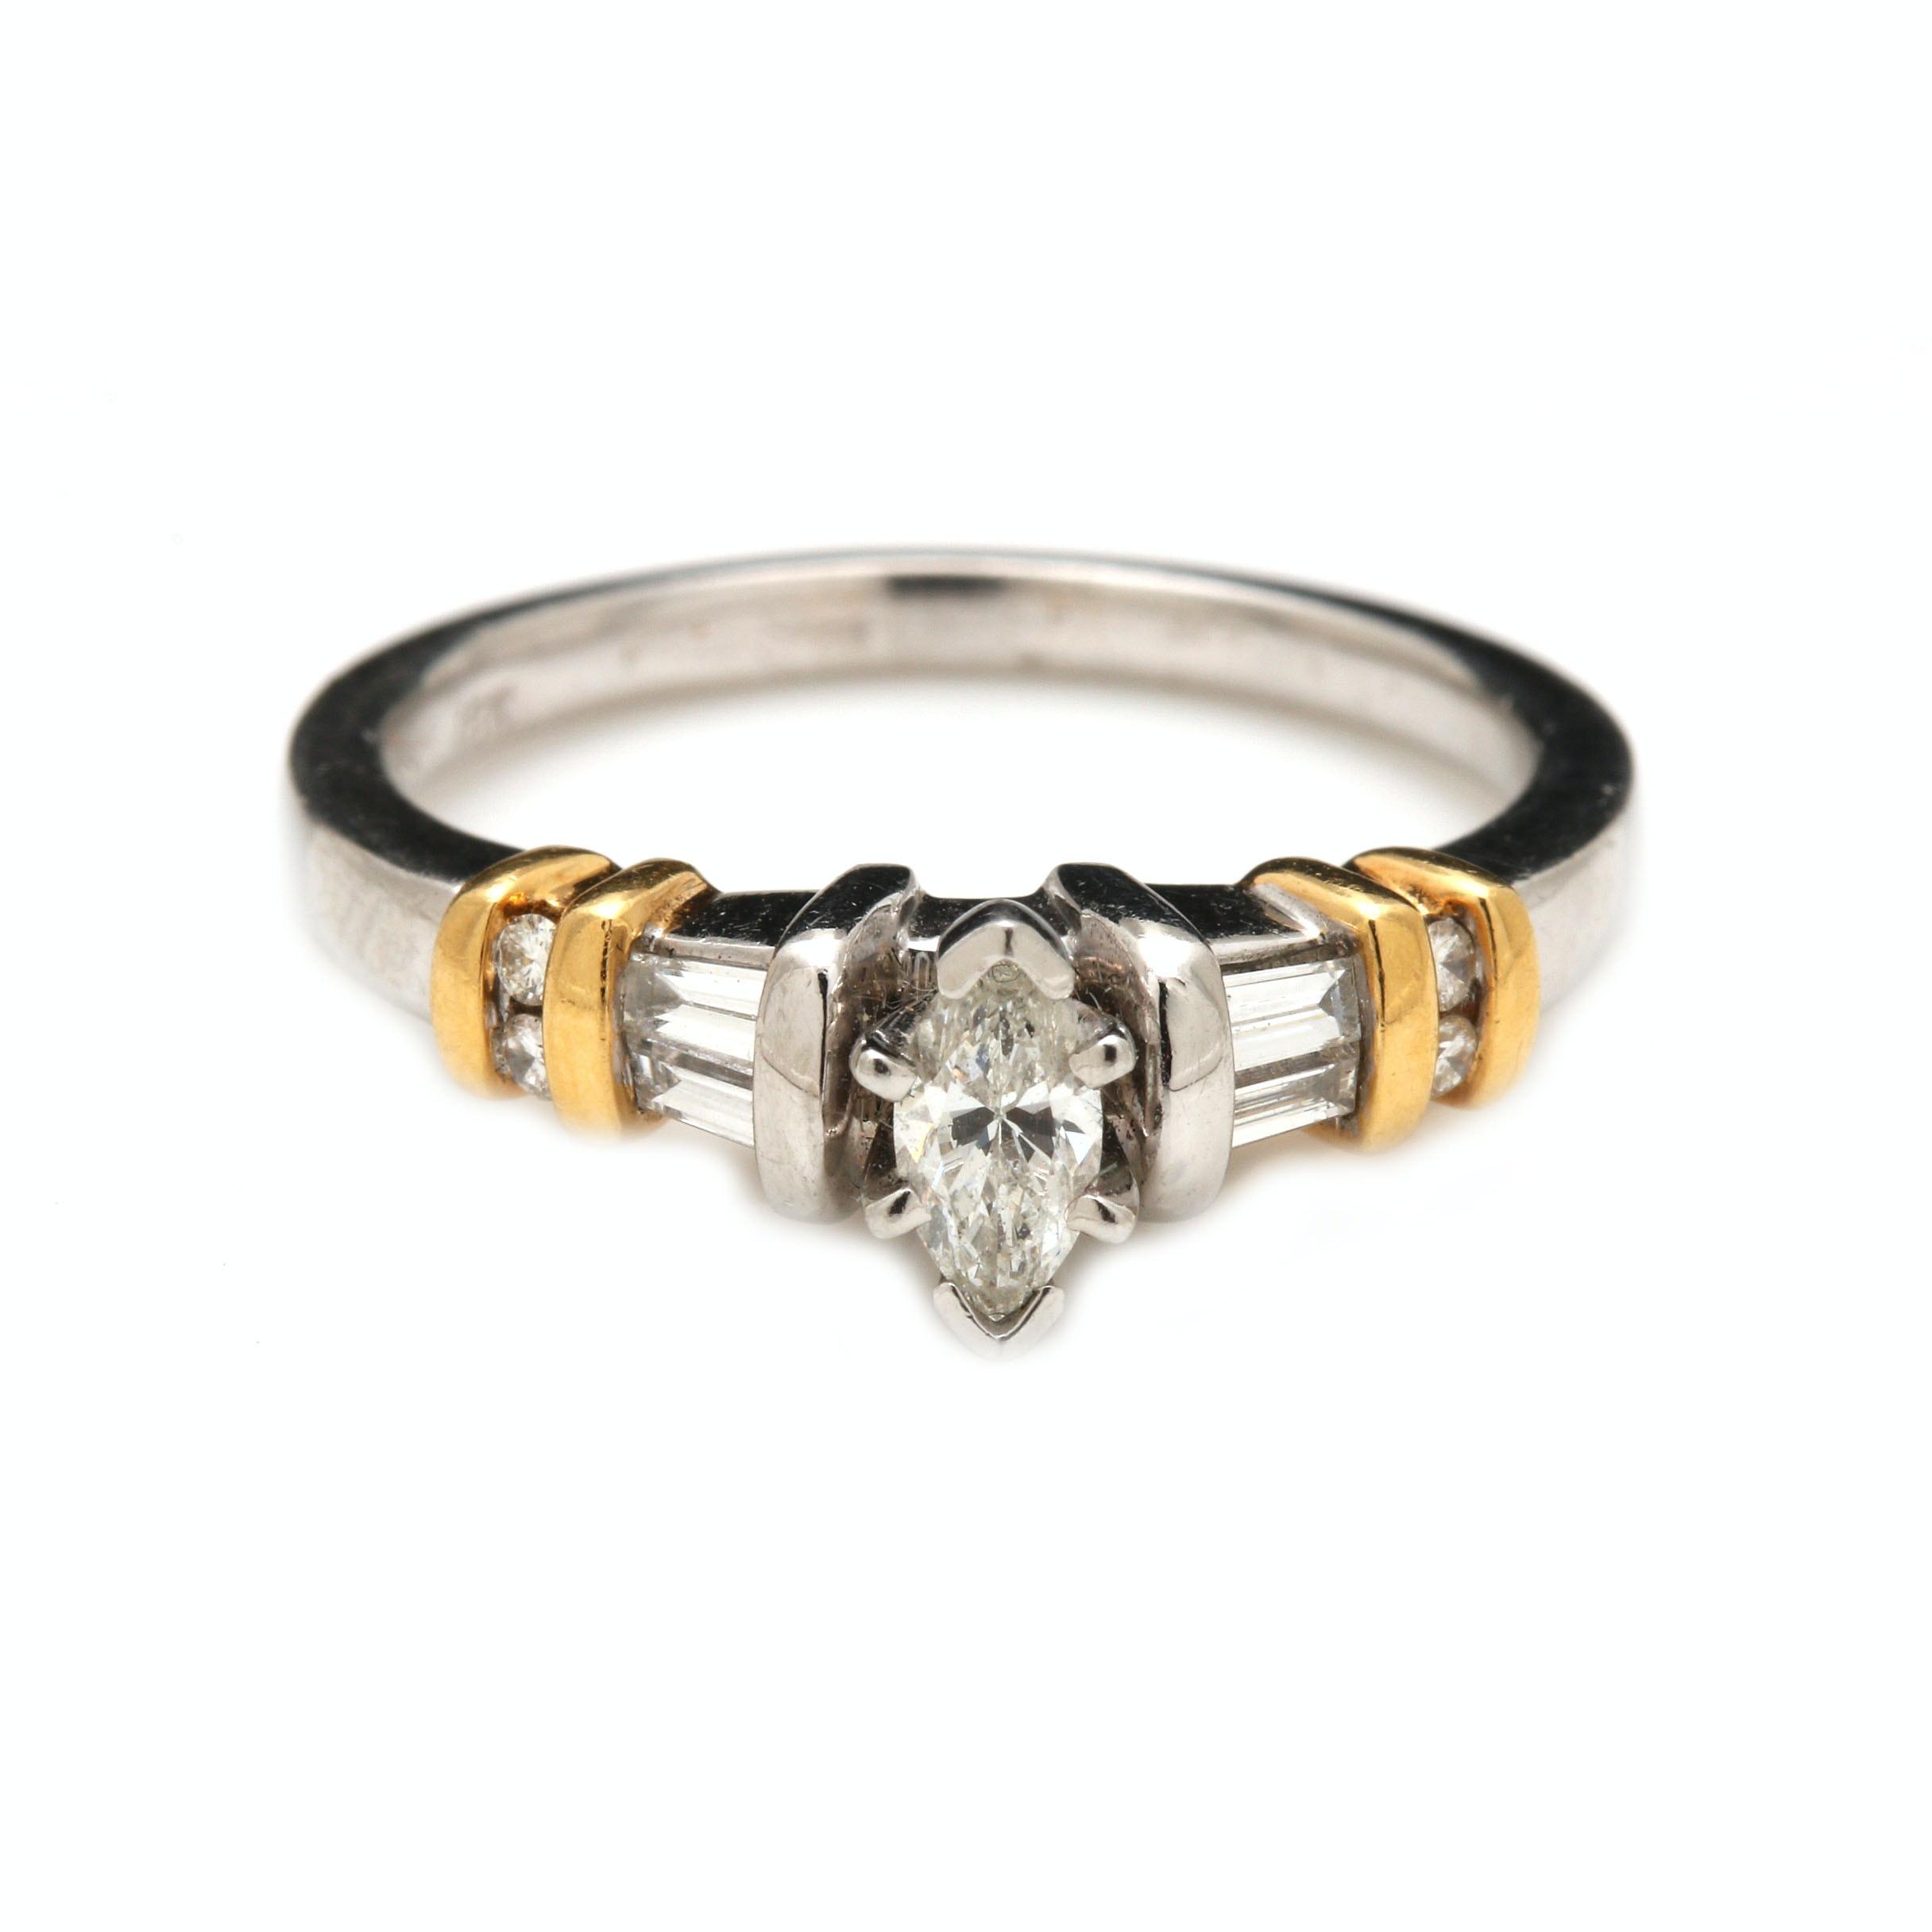 Platinum and 18K Yellow Gold Diamond Ring